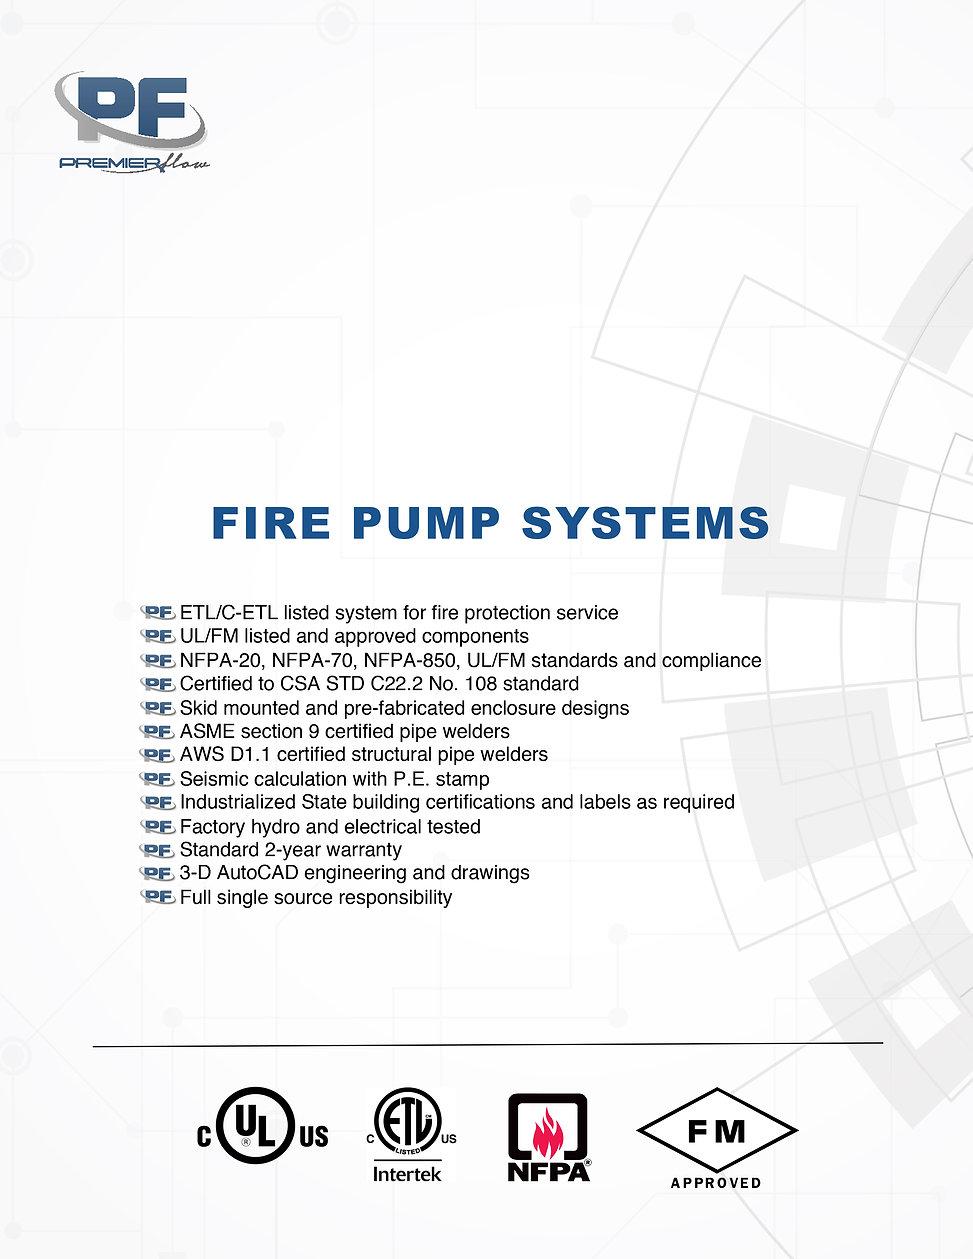 Fire Pump Systems.jpg